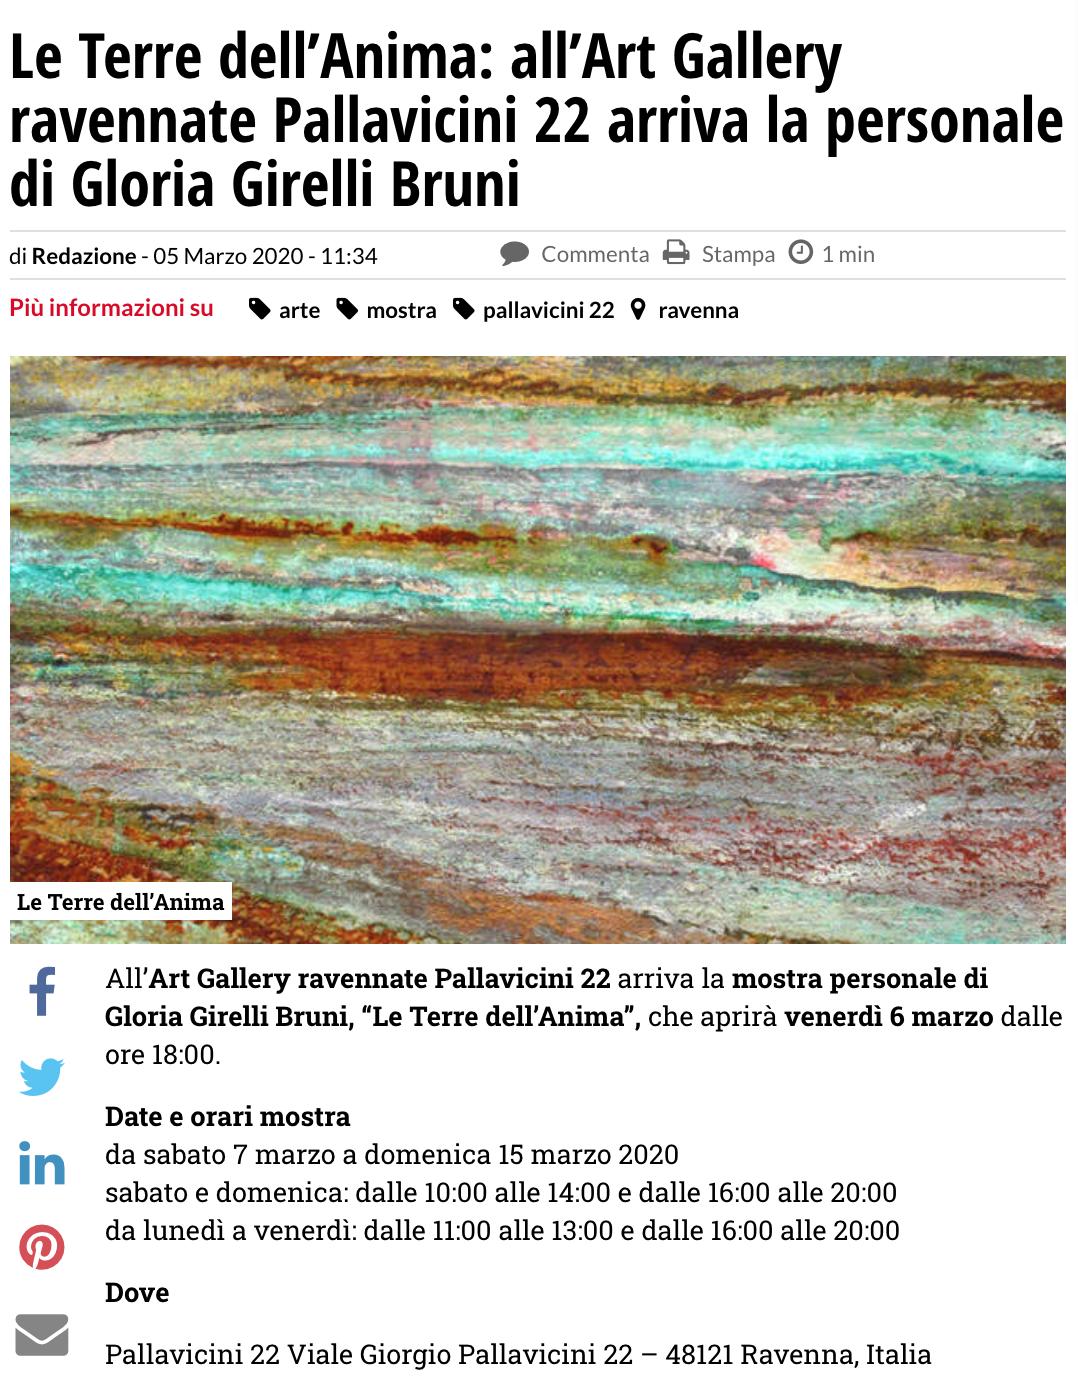 Le Terre dell'Anima di Gloria Girelli Bruni su Ravennanotizie.it   Pallavicini22 spazio espositivo Ravenna